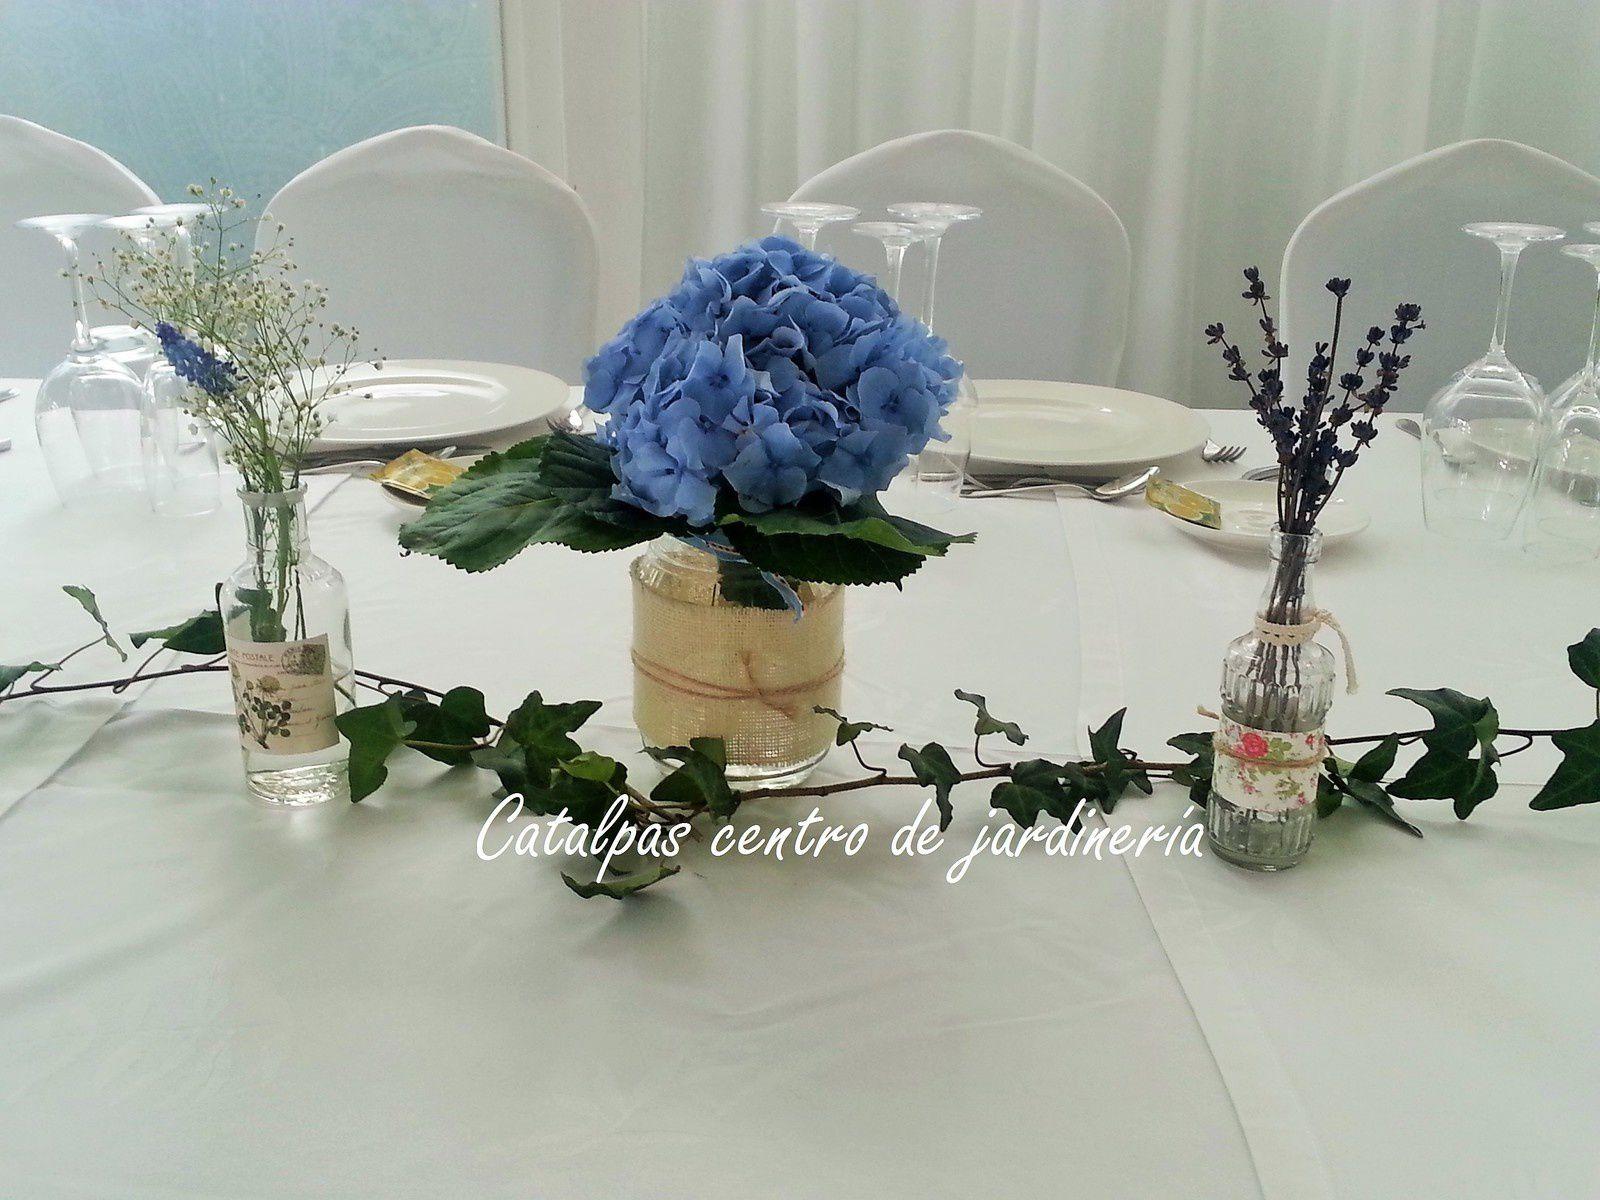 Boda azul en Villa Amelia - Catalpas centro de jardinería